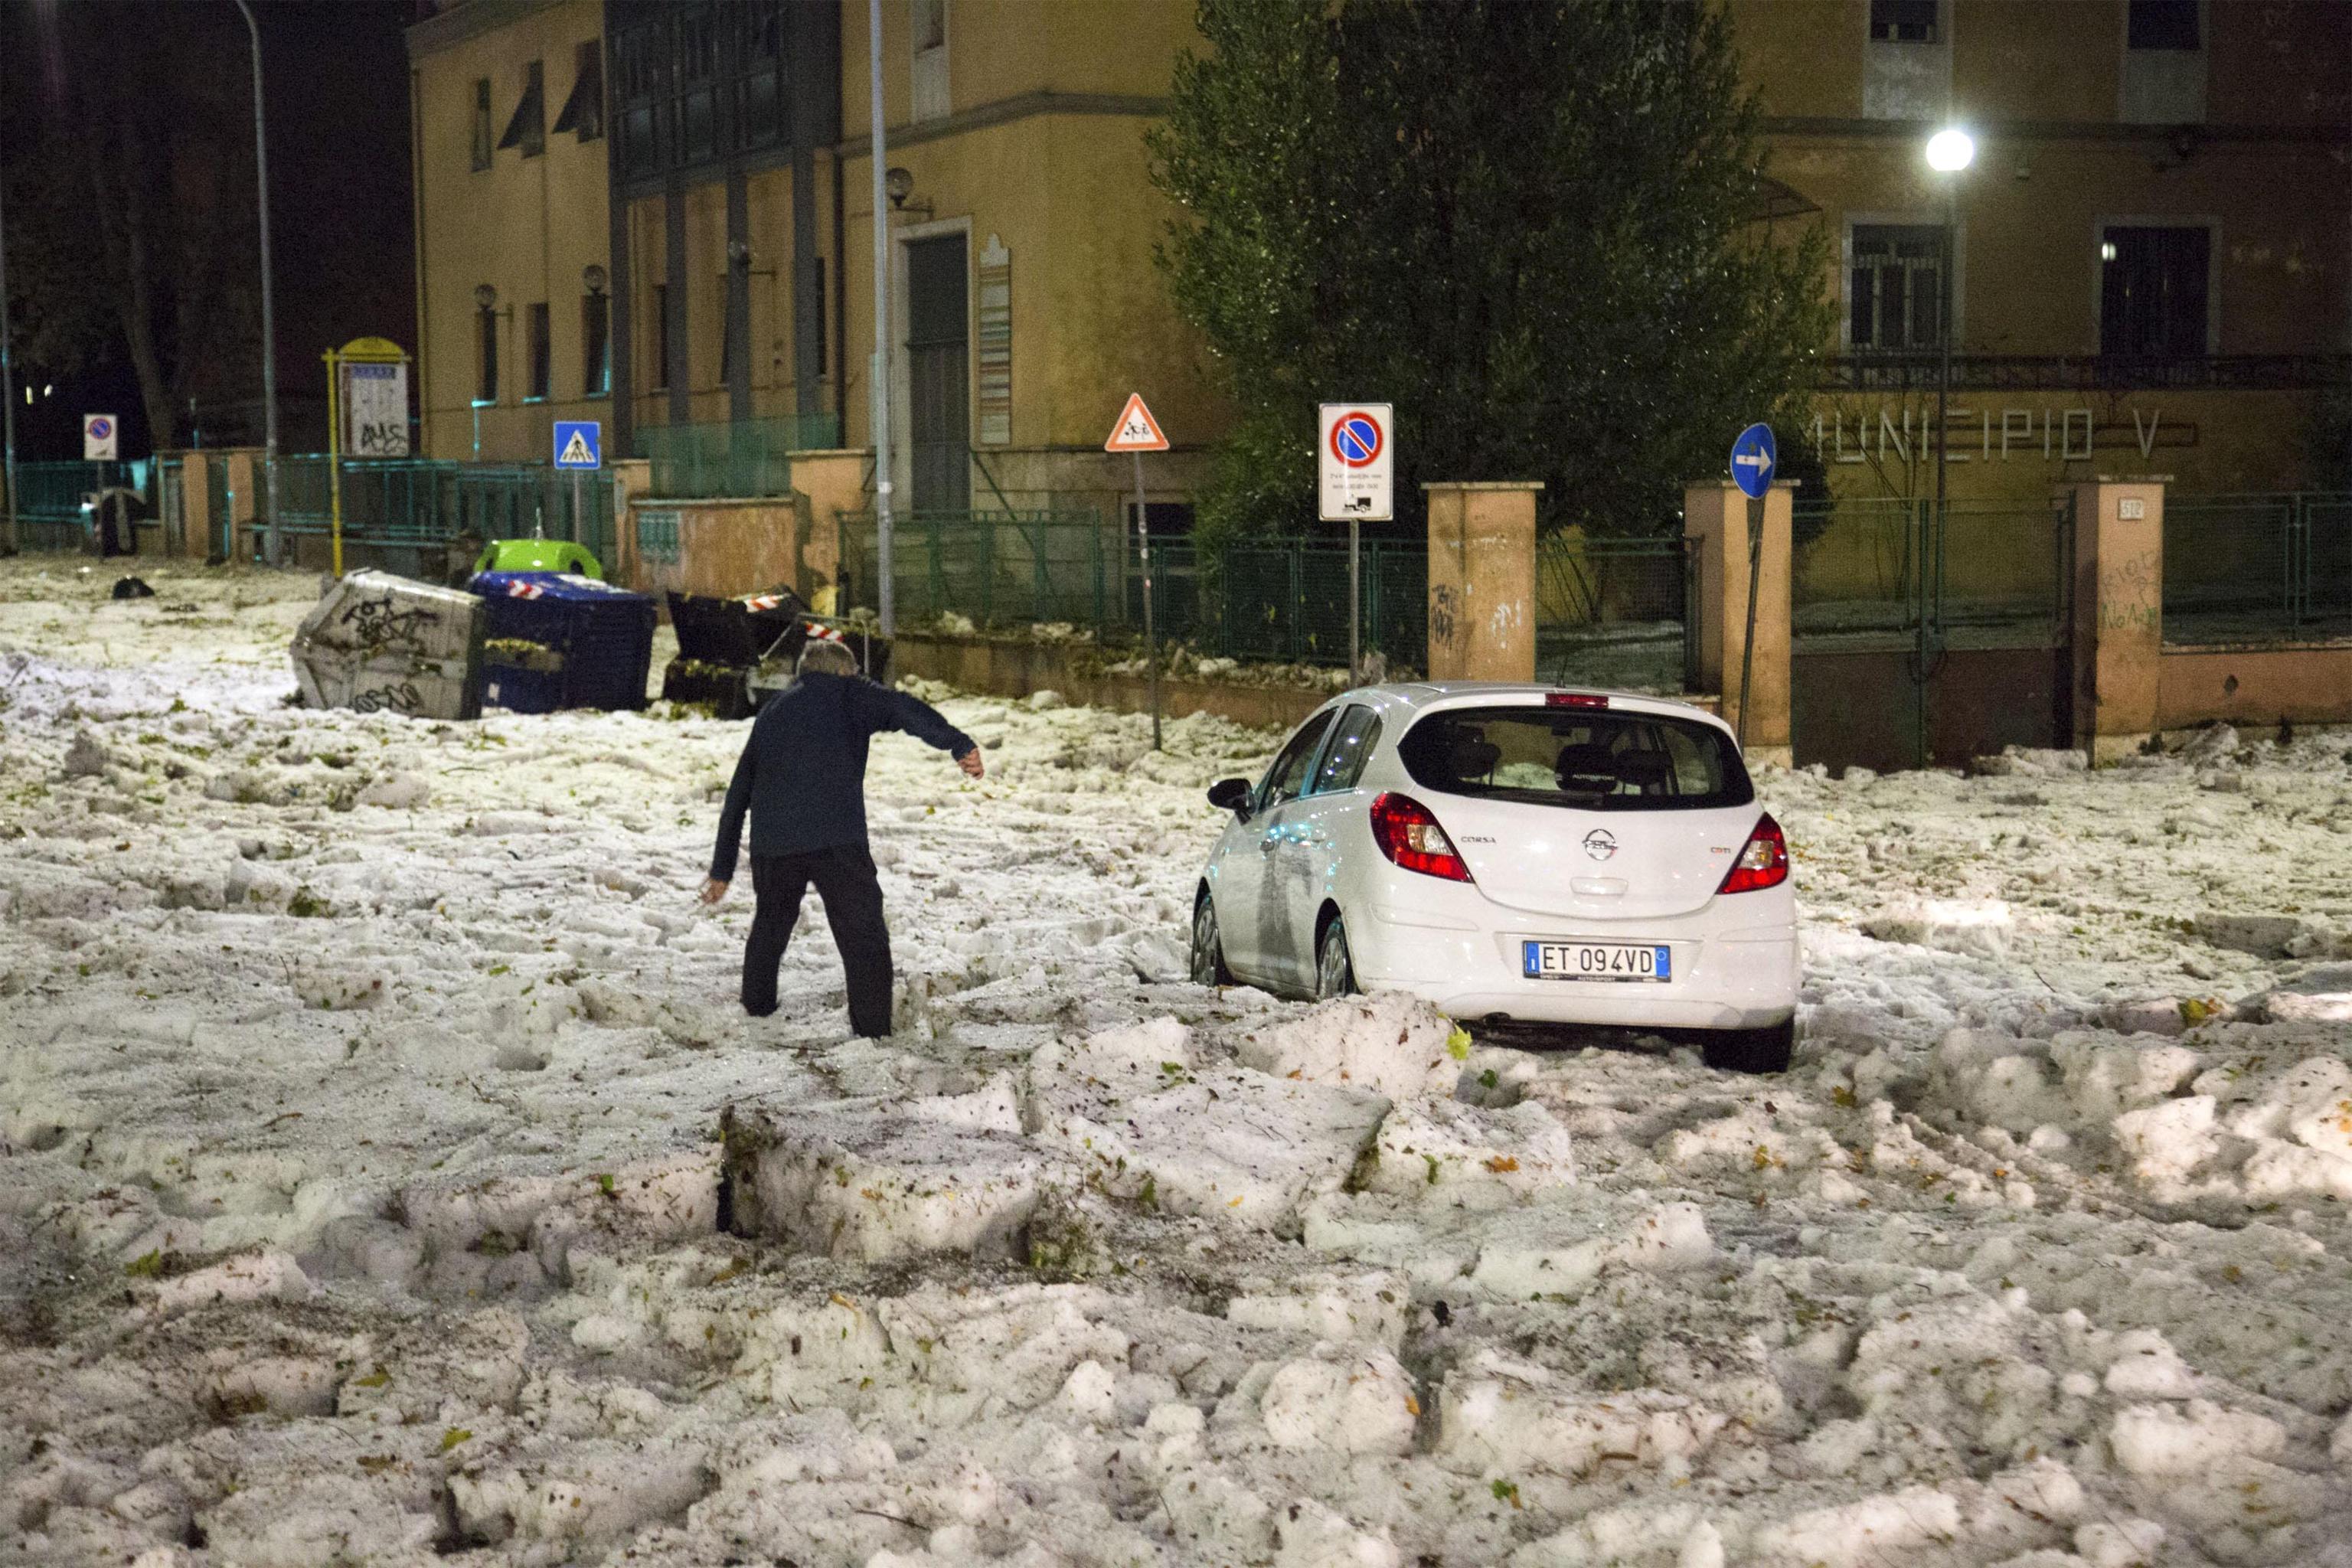 Meteo: allerta in Campania, scuole chiuse in diversi comuni